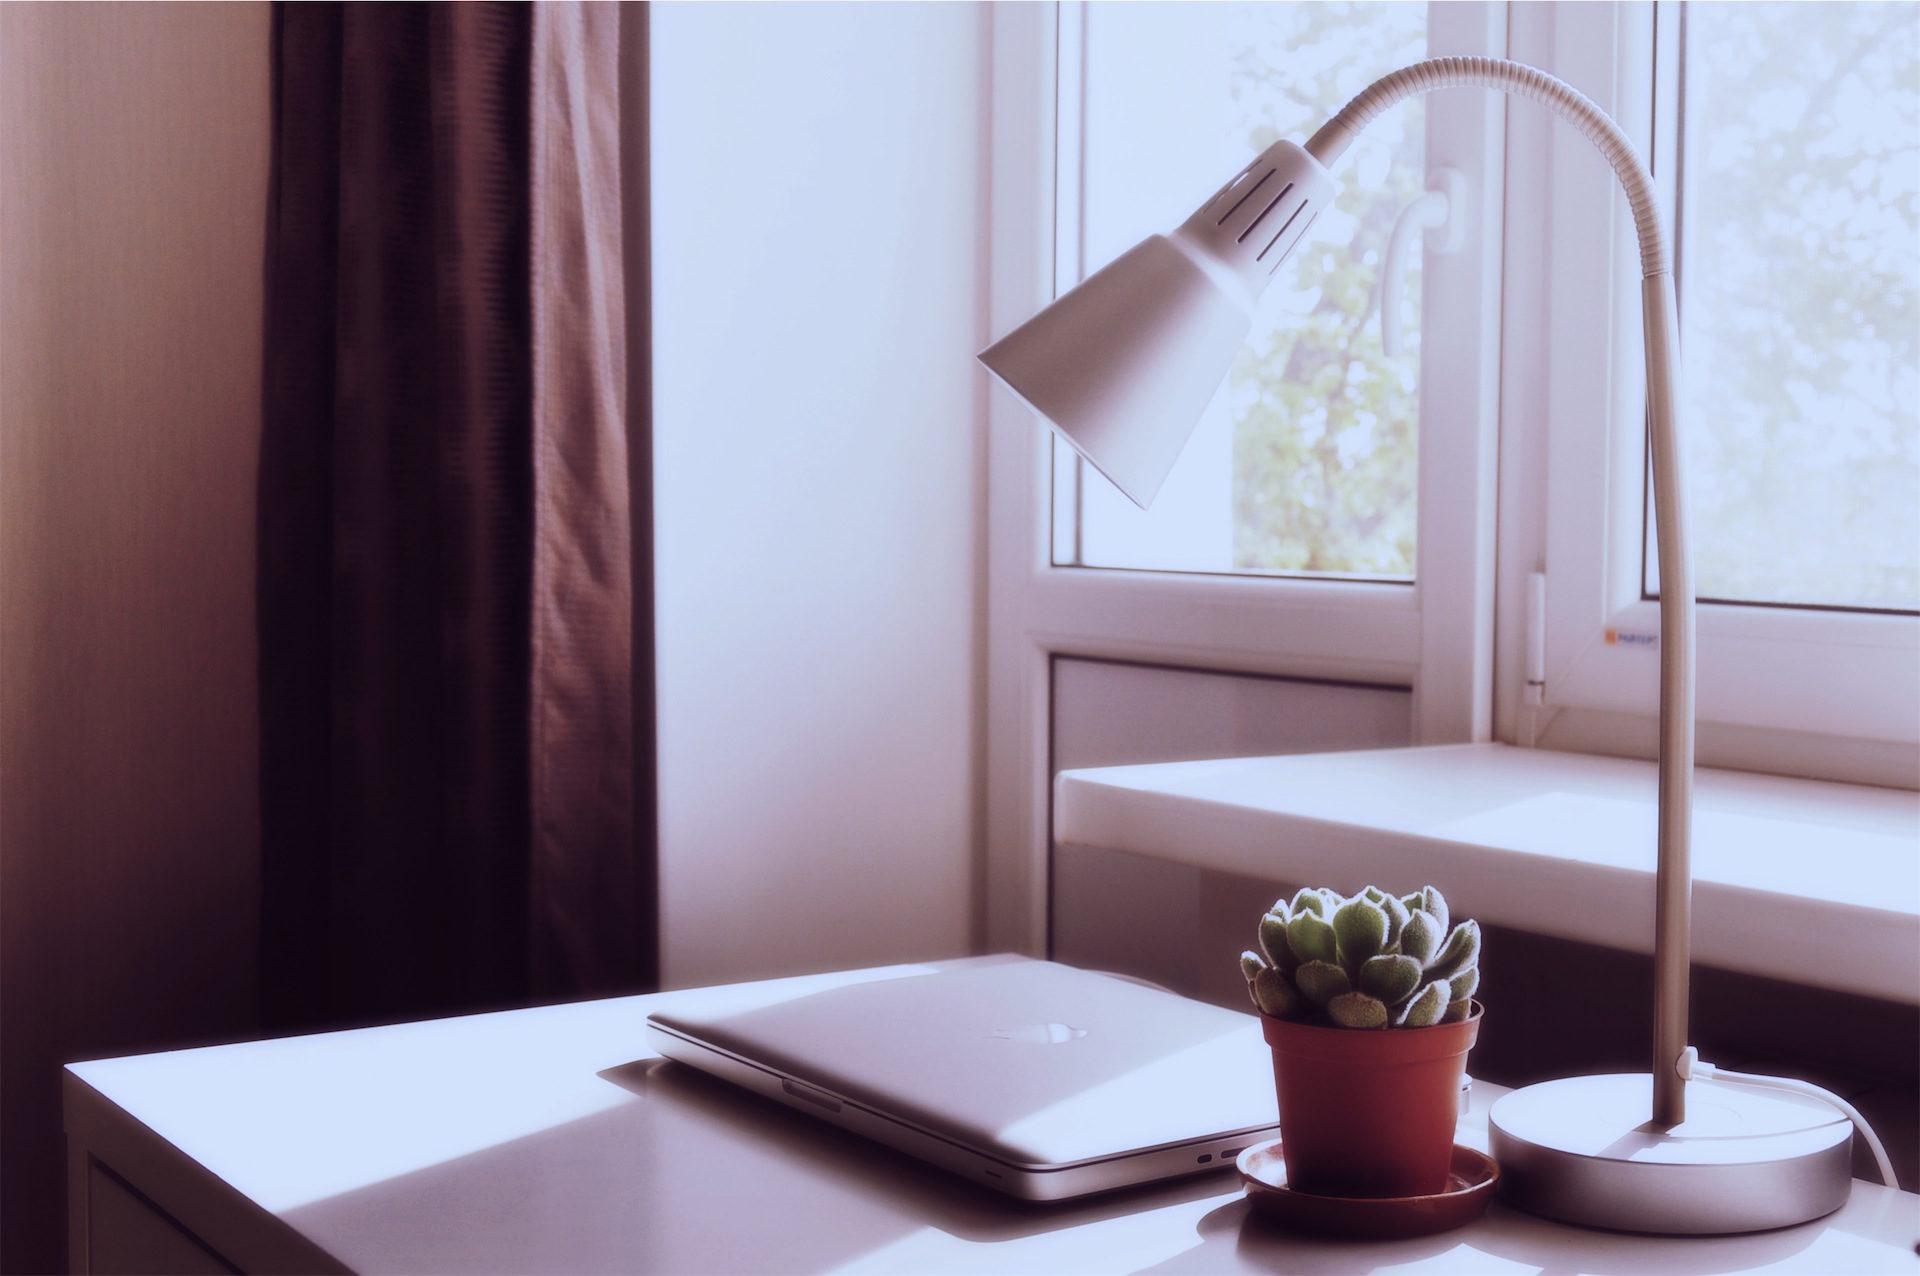 lampe, Cactus, ordinateur, Tableau, Ordinateur de bureau - Fonds d'écran HD - Professor-falken.com